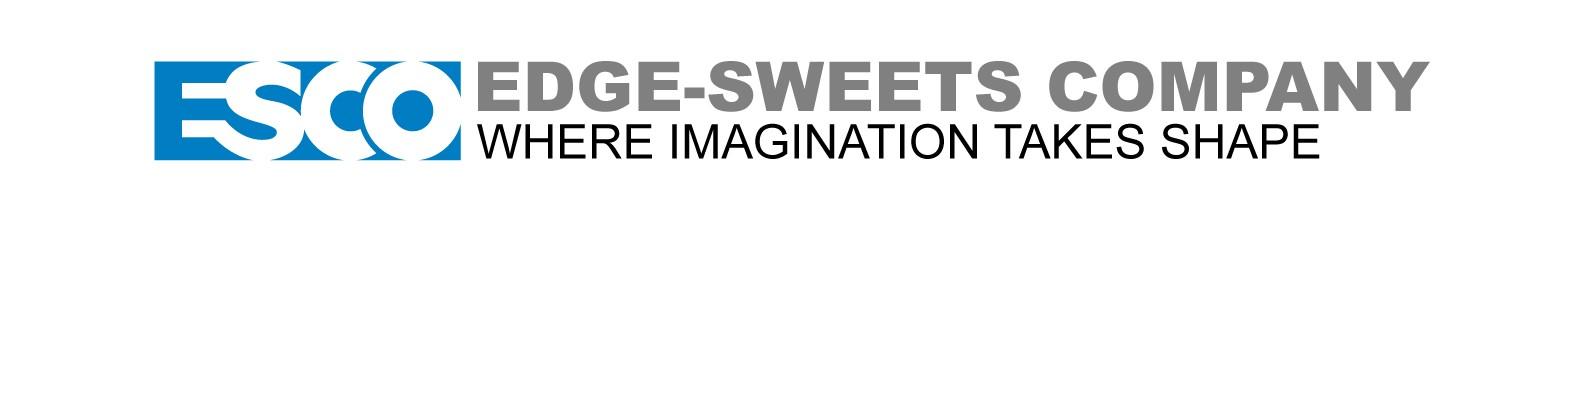 Edge-Sweets Co  [ESCO] | LinkedIn